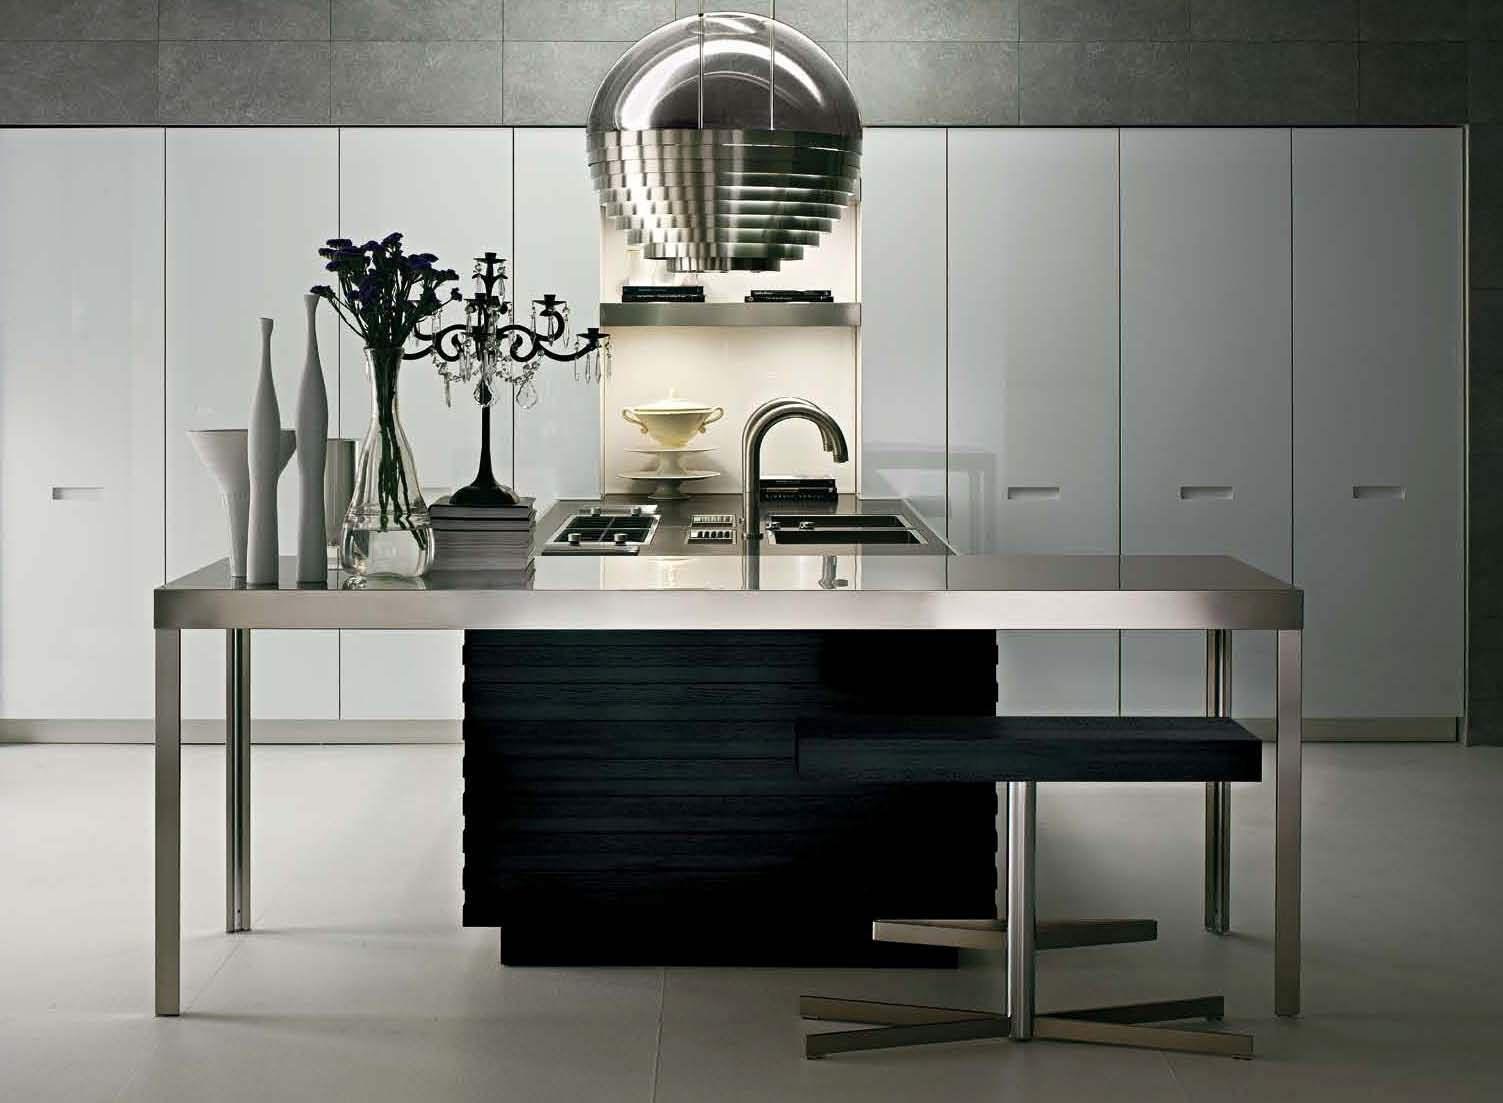 Кухня (гарнитур для кухни) Salvarani, Cuisine - Мебель МР